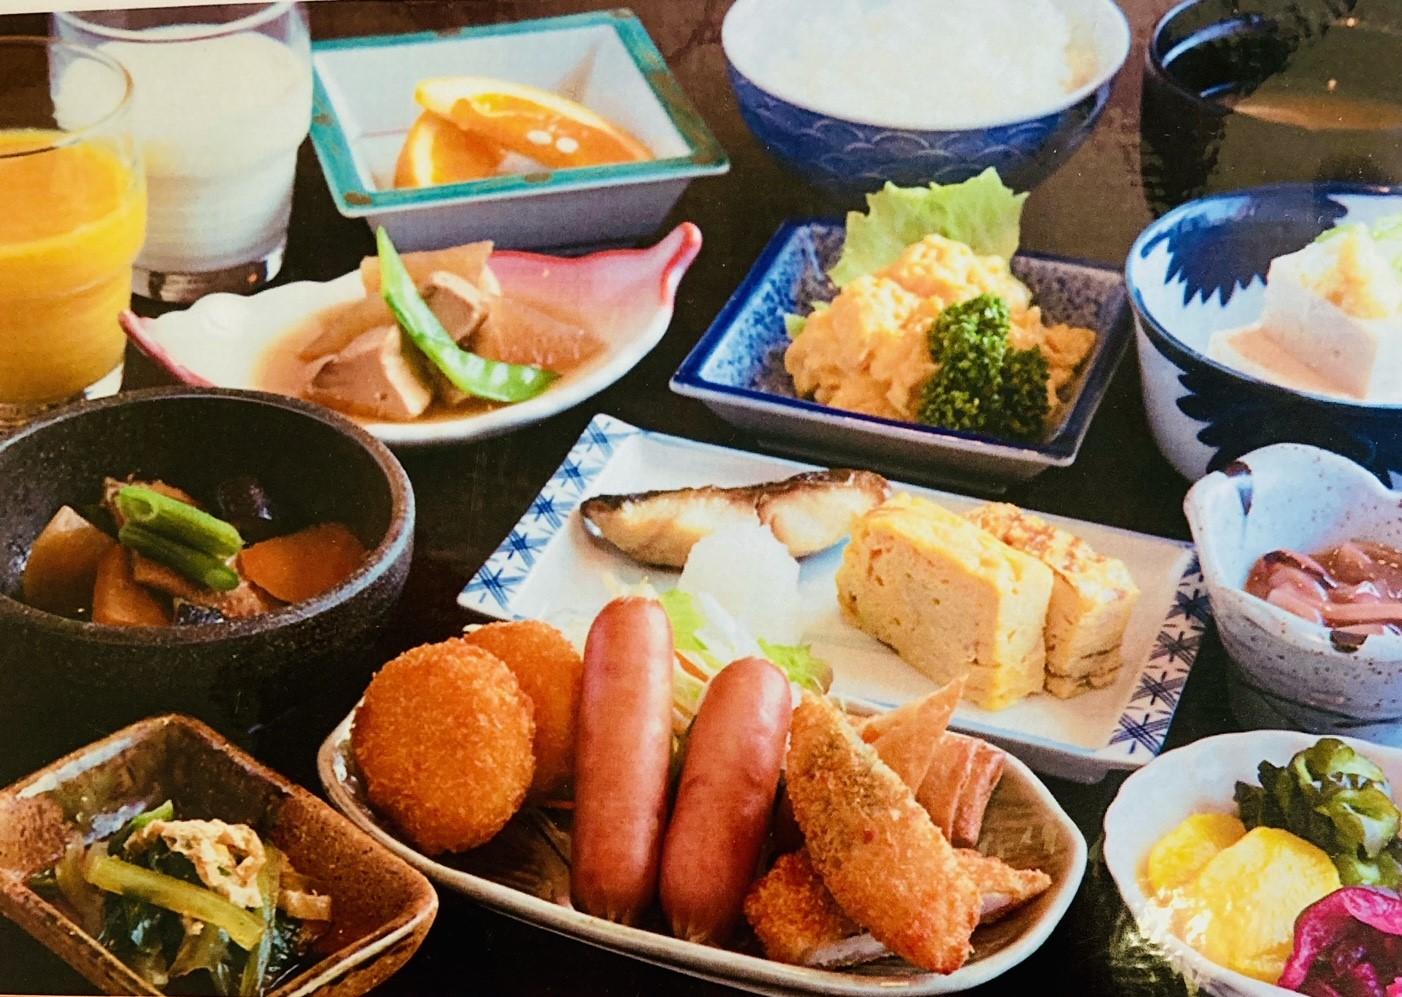 ホテル ハミルトン札幌 / 【朝食付】【早期予約】14日前までの予約でお得なプラン♪